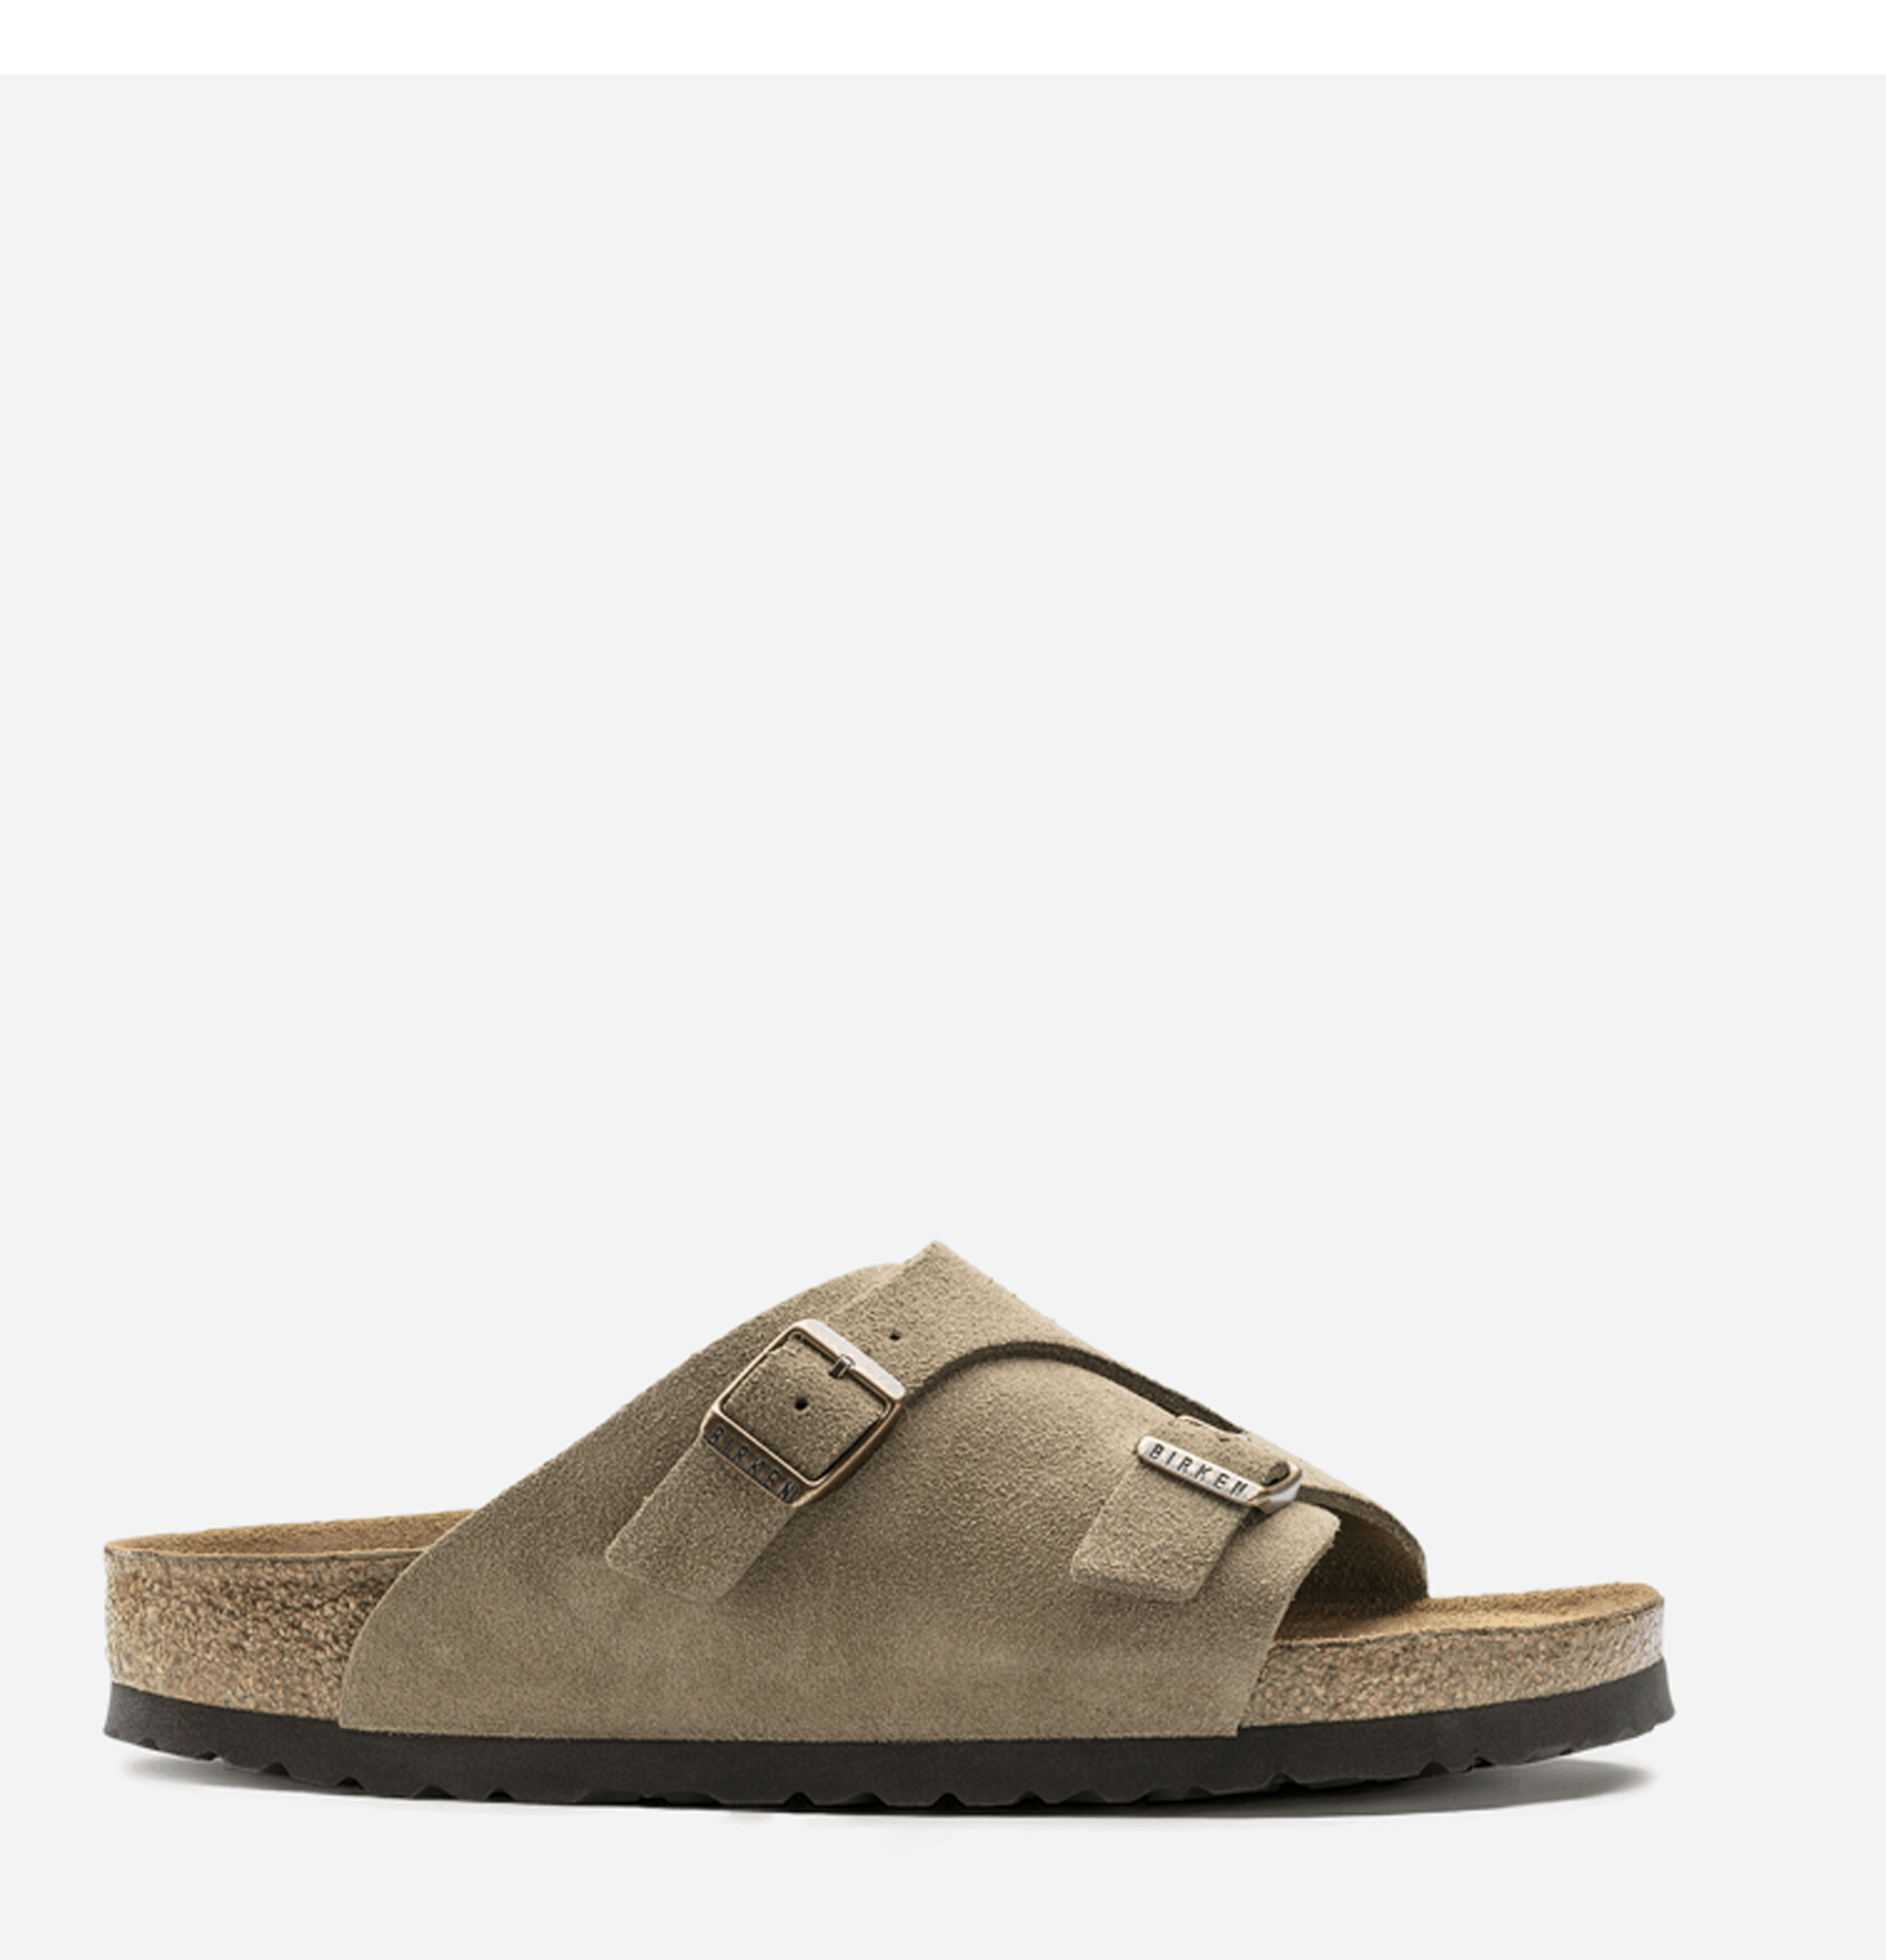 Sandals Zurich Taupe